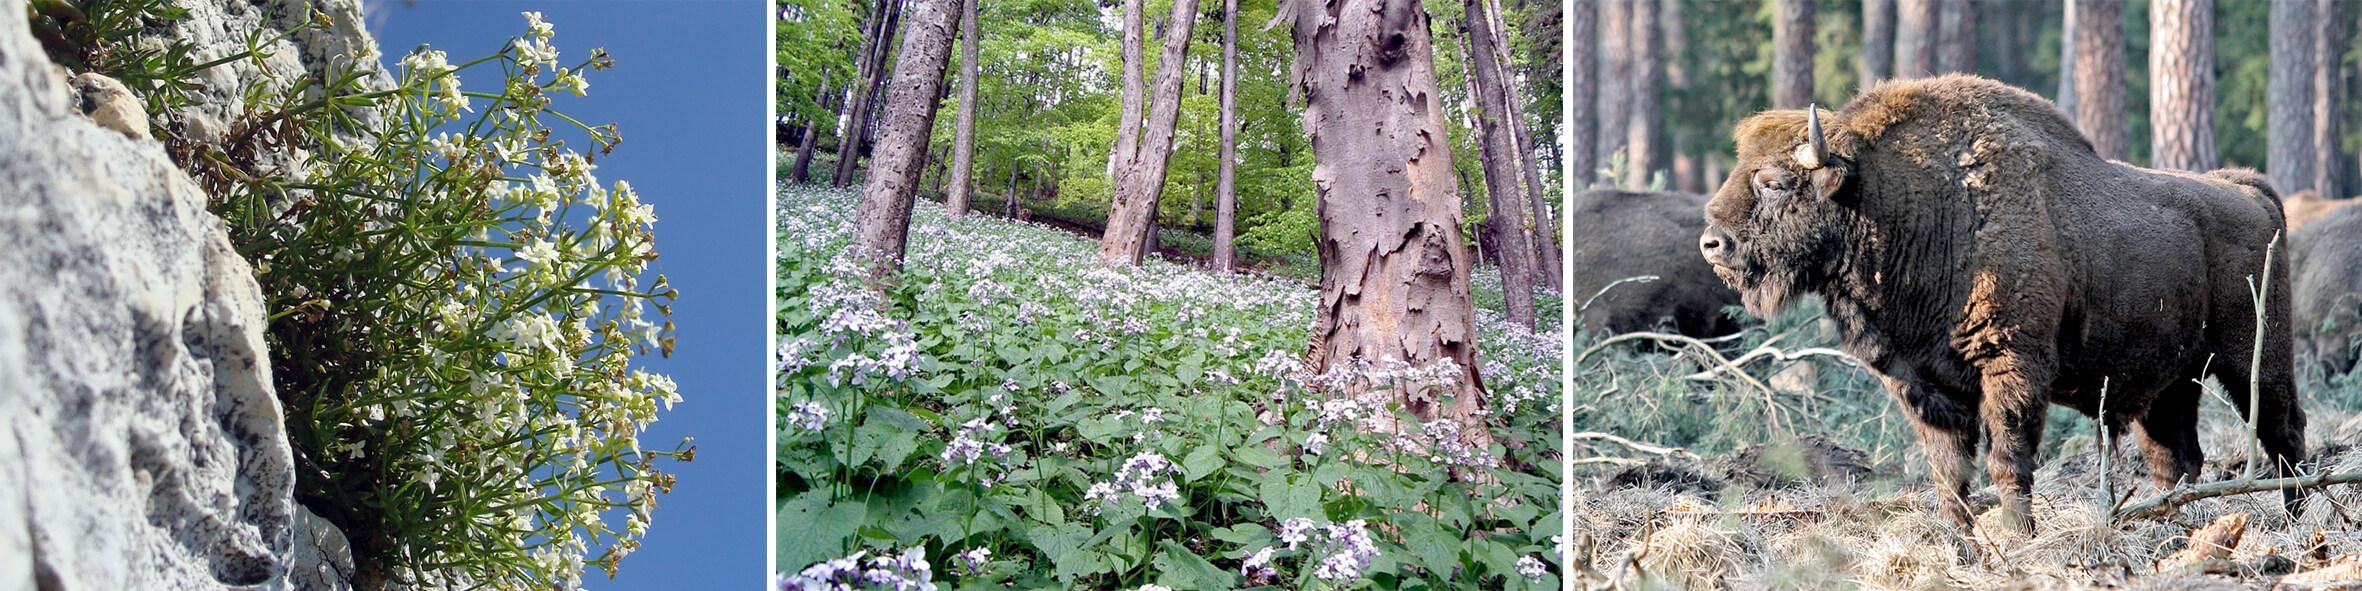 Rys.3. Różnorodność biologiczna województwa śląskiego (przykłady): a) Przytulia krakowska Galium cracoviense, gatunek endemiczny, ściśle chroniony, b) Jaworzyna górska z miesięcznicą trwałą Lunario-Aceretum, siedlisko narażone w województwie śląskim, c) Żubr Bison bonasus (byk), takson objęty ochroną ścisłą